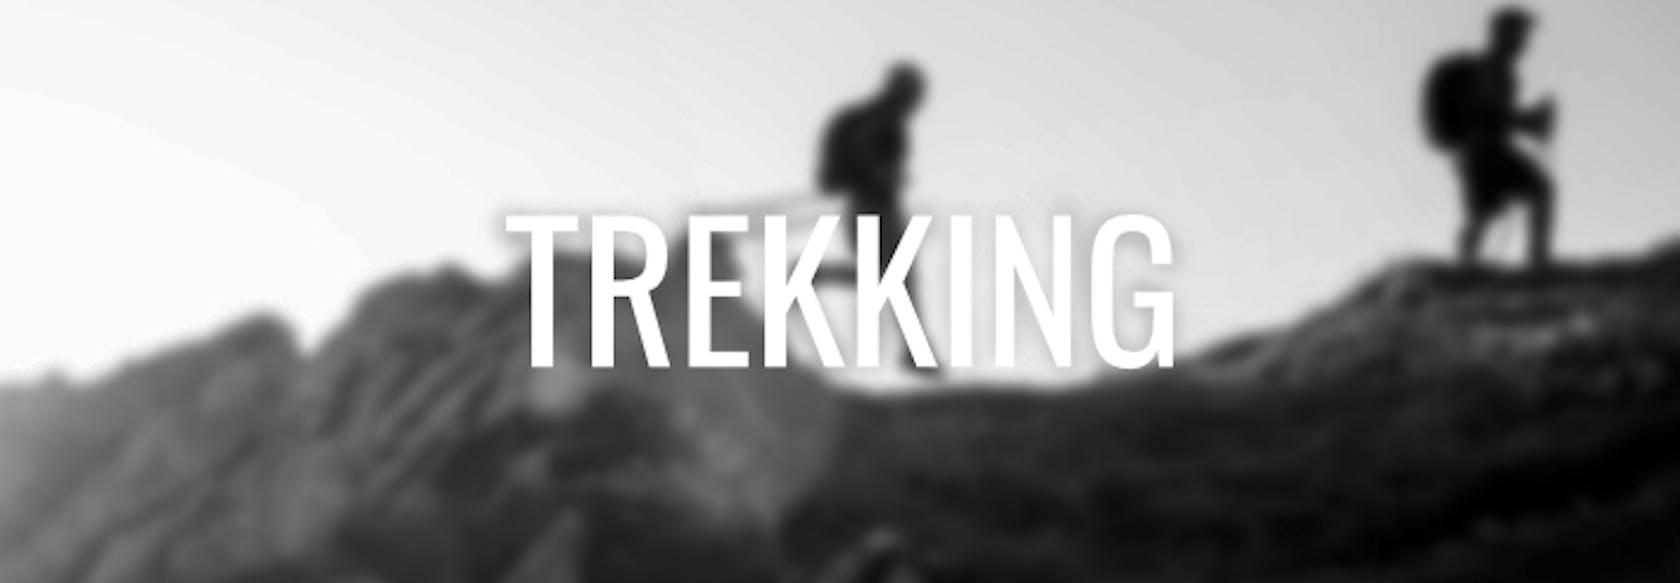 trekking shop online